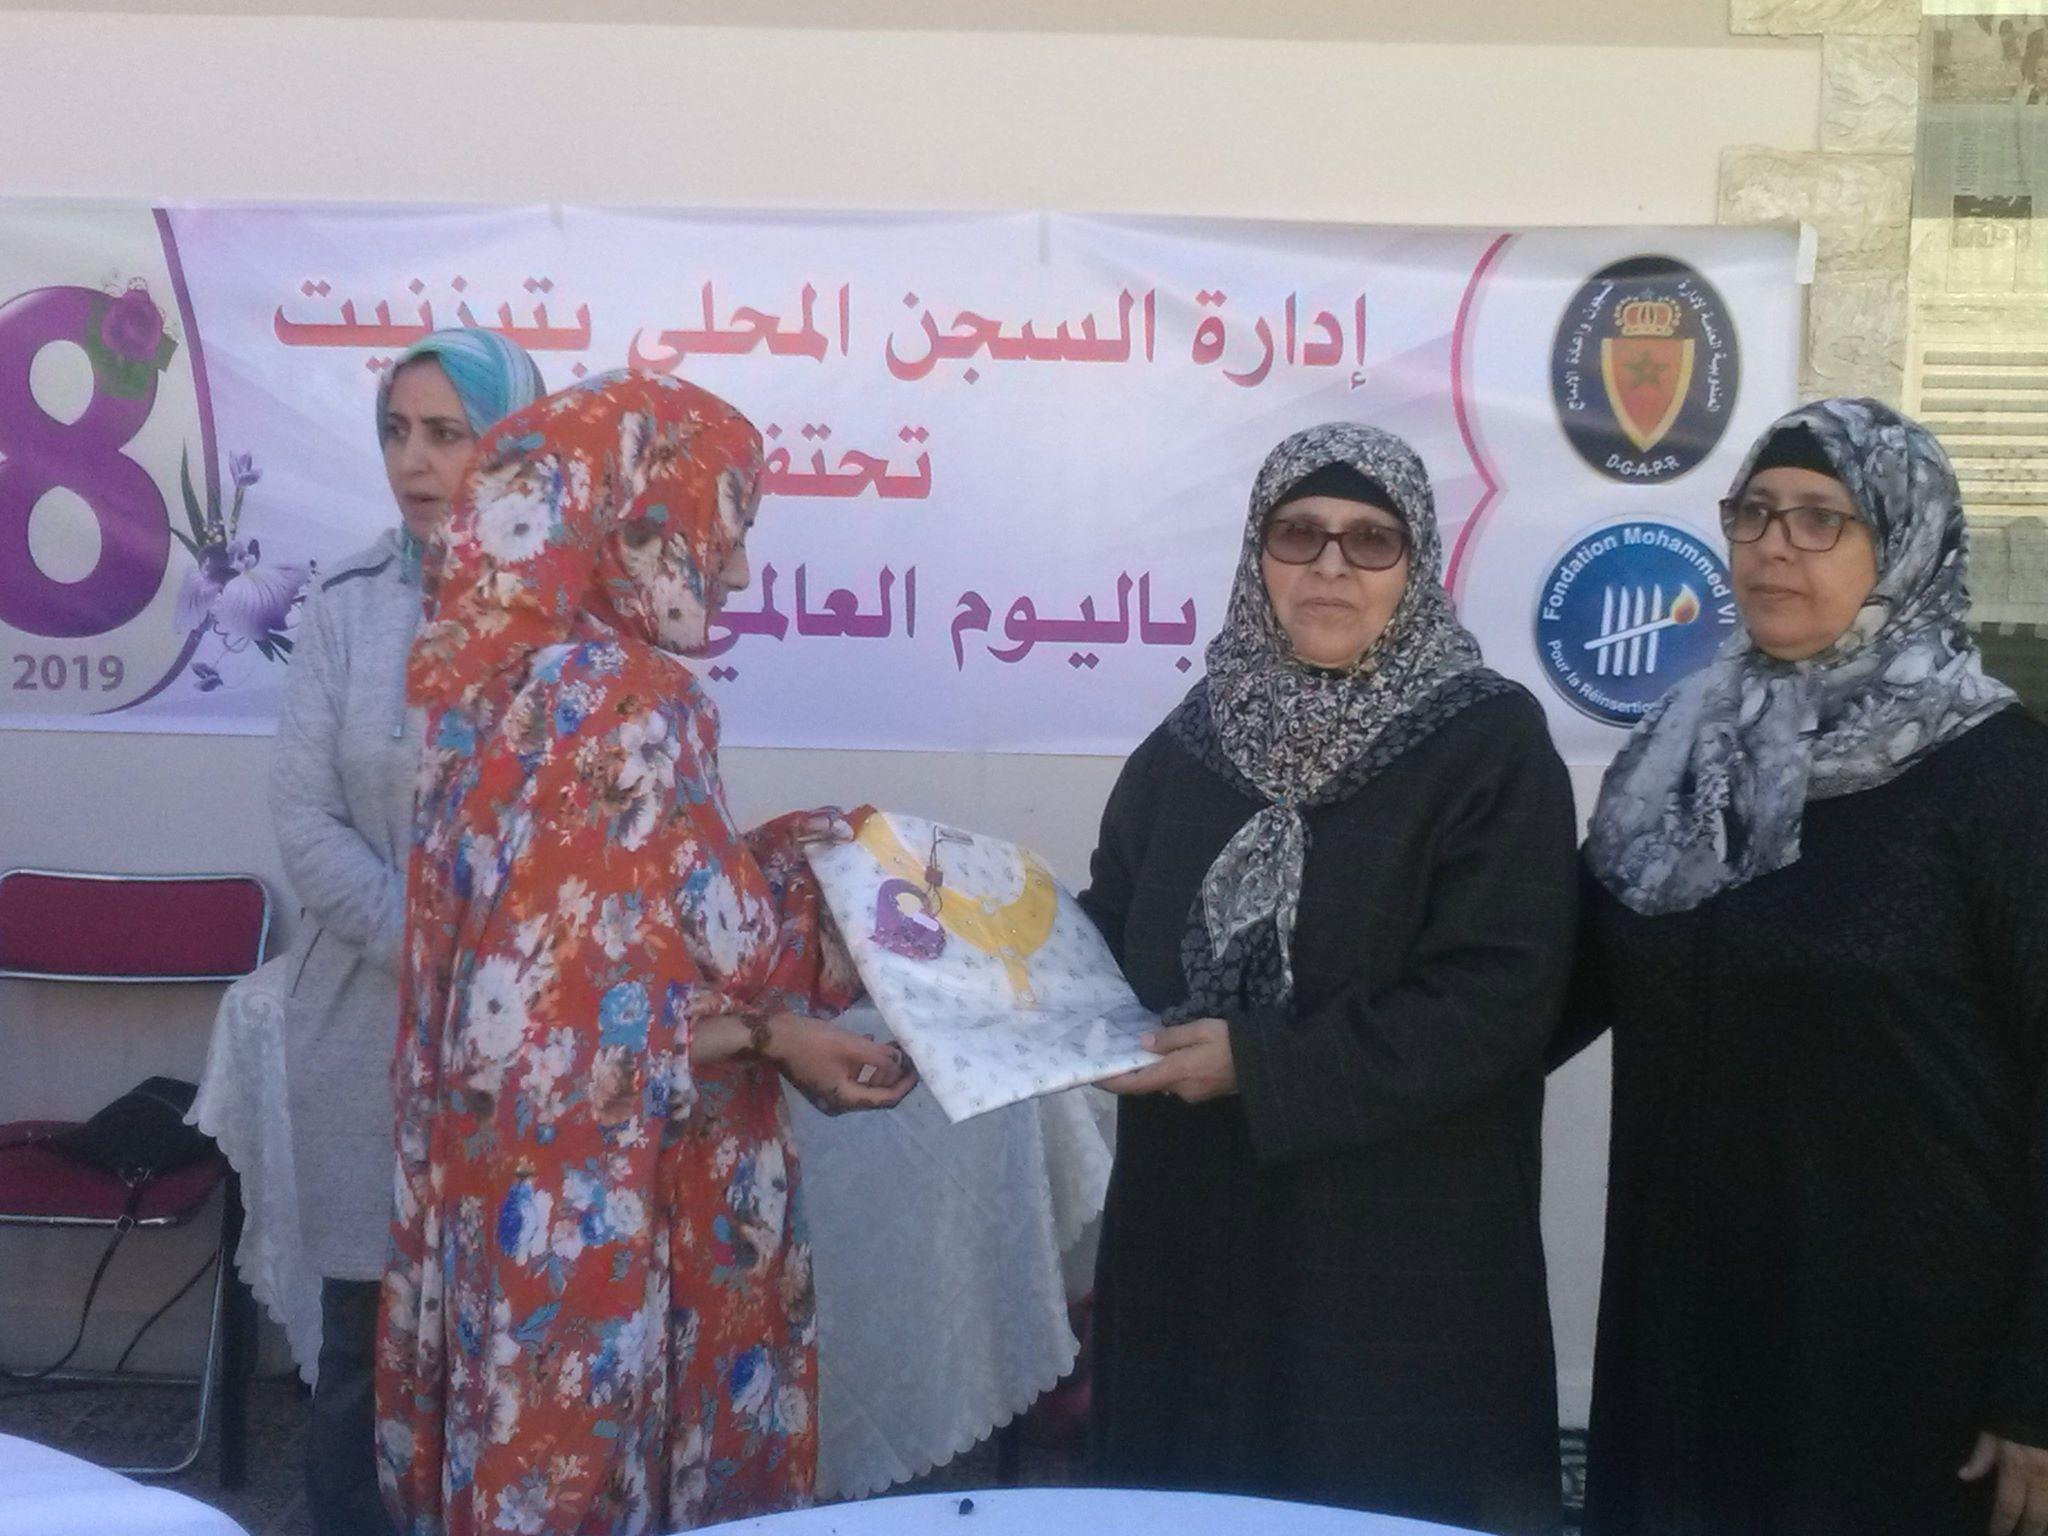 تيزنيت : بمناسبة اليوم العالمي للمرأة ..إدارة السجن المحلي تستضيف جمعيات مدنية للاحتفاء بالنزيلات ( صُور )